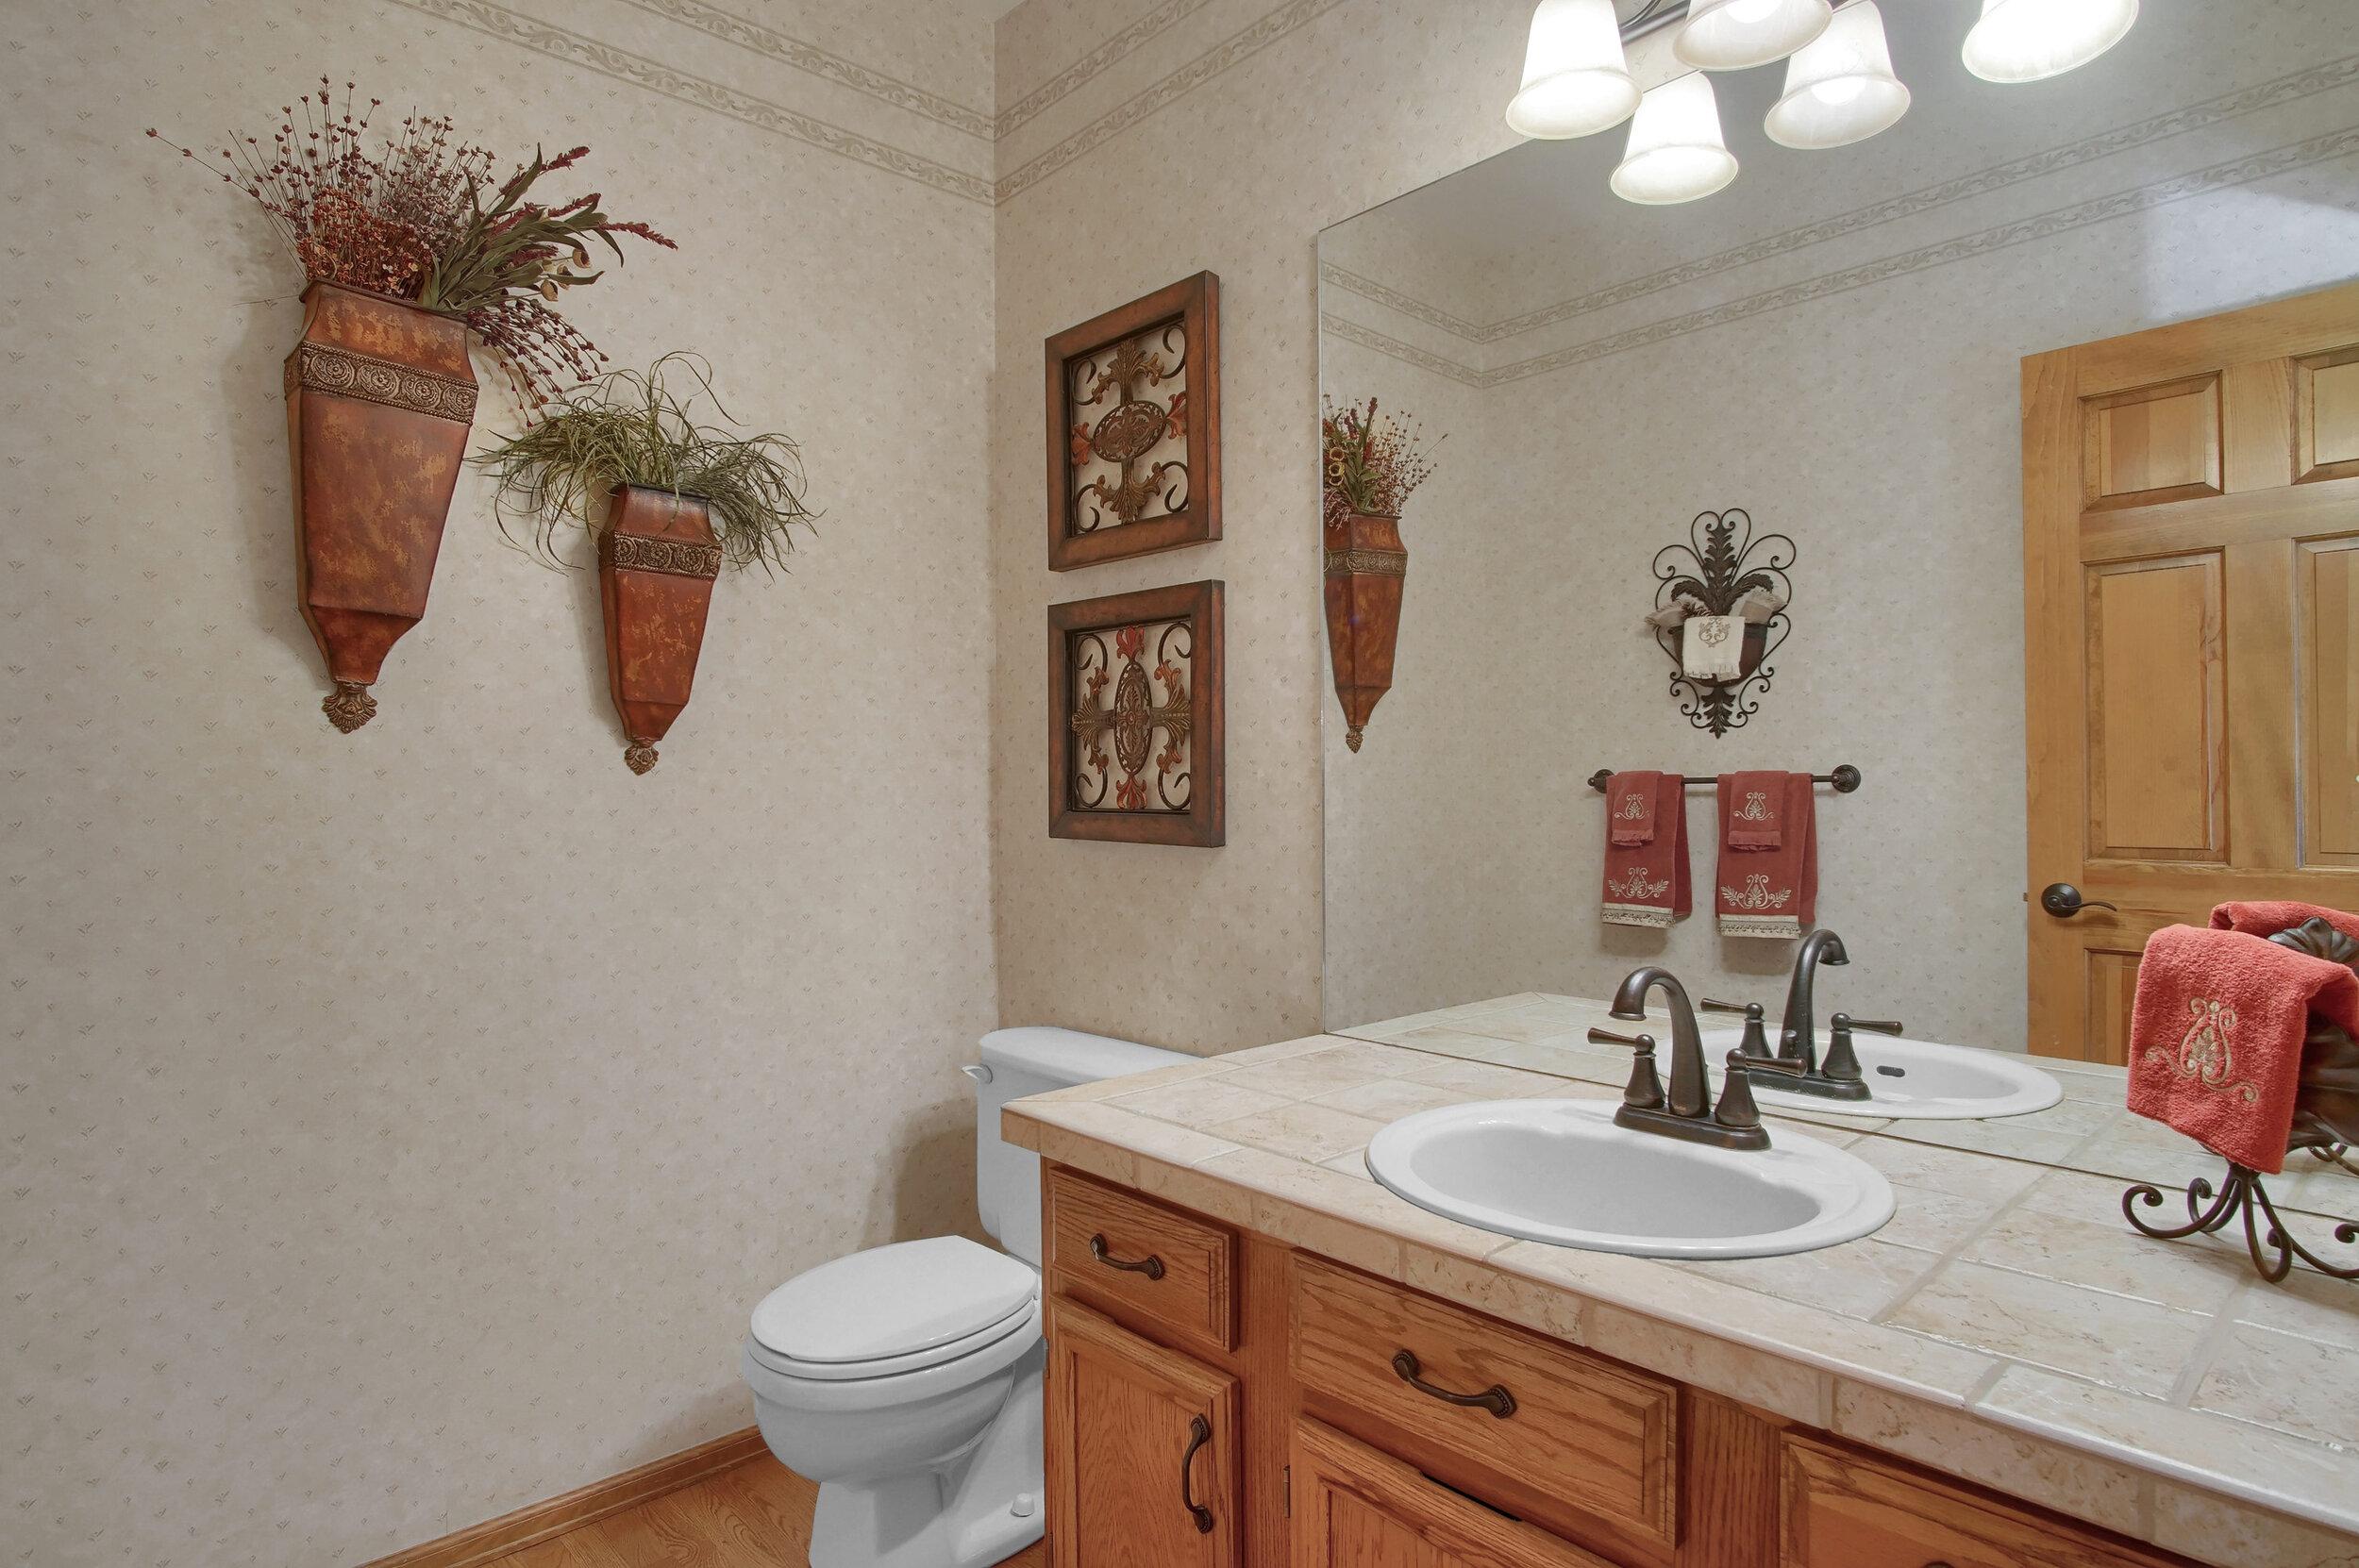 4919 Nightshade Cir Colorado-print-016-006-Bathroom-3008x2000-300dpi.jpg